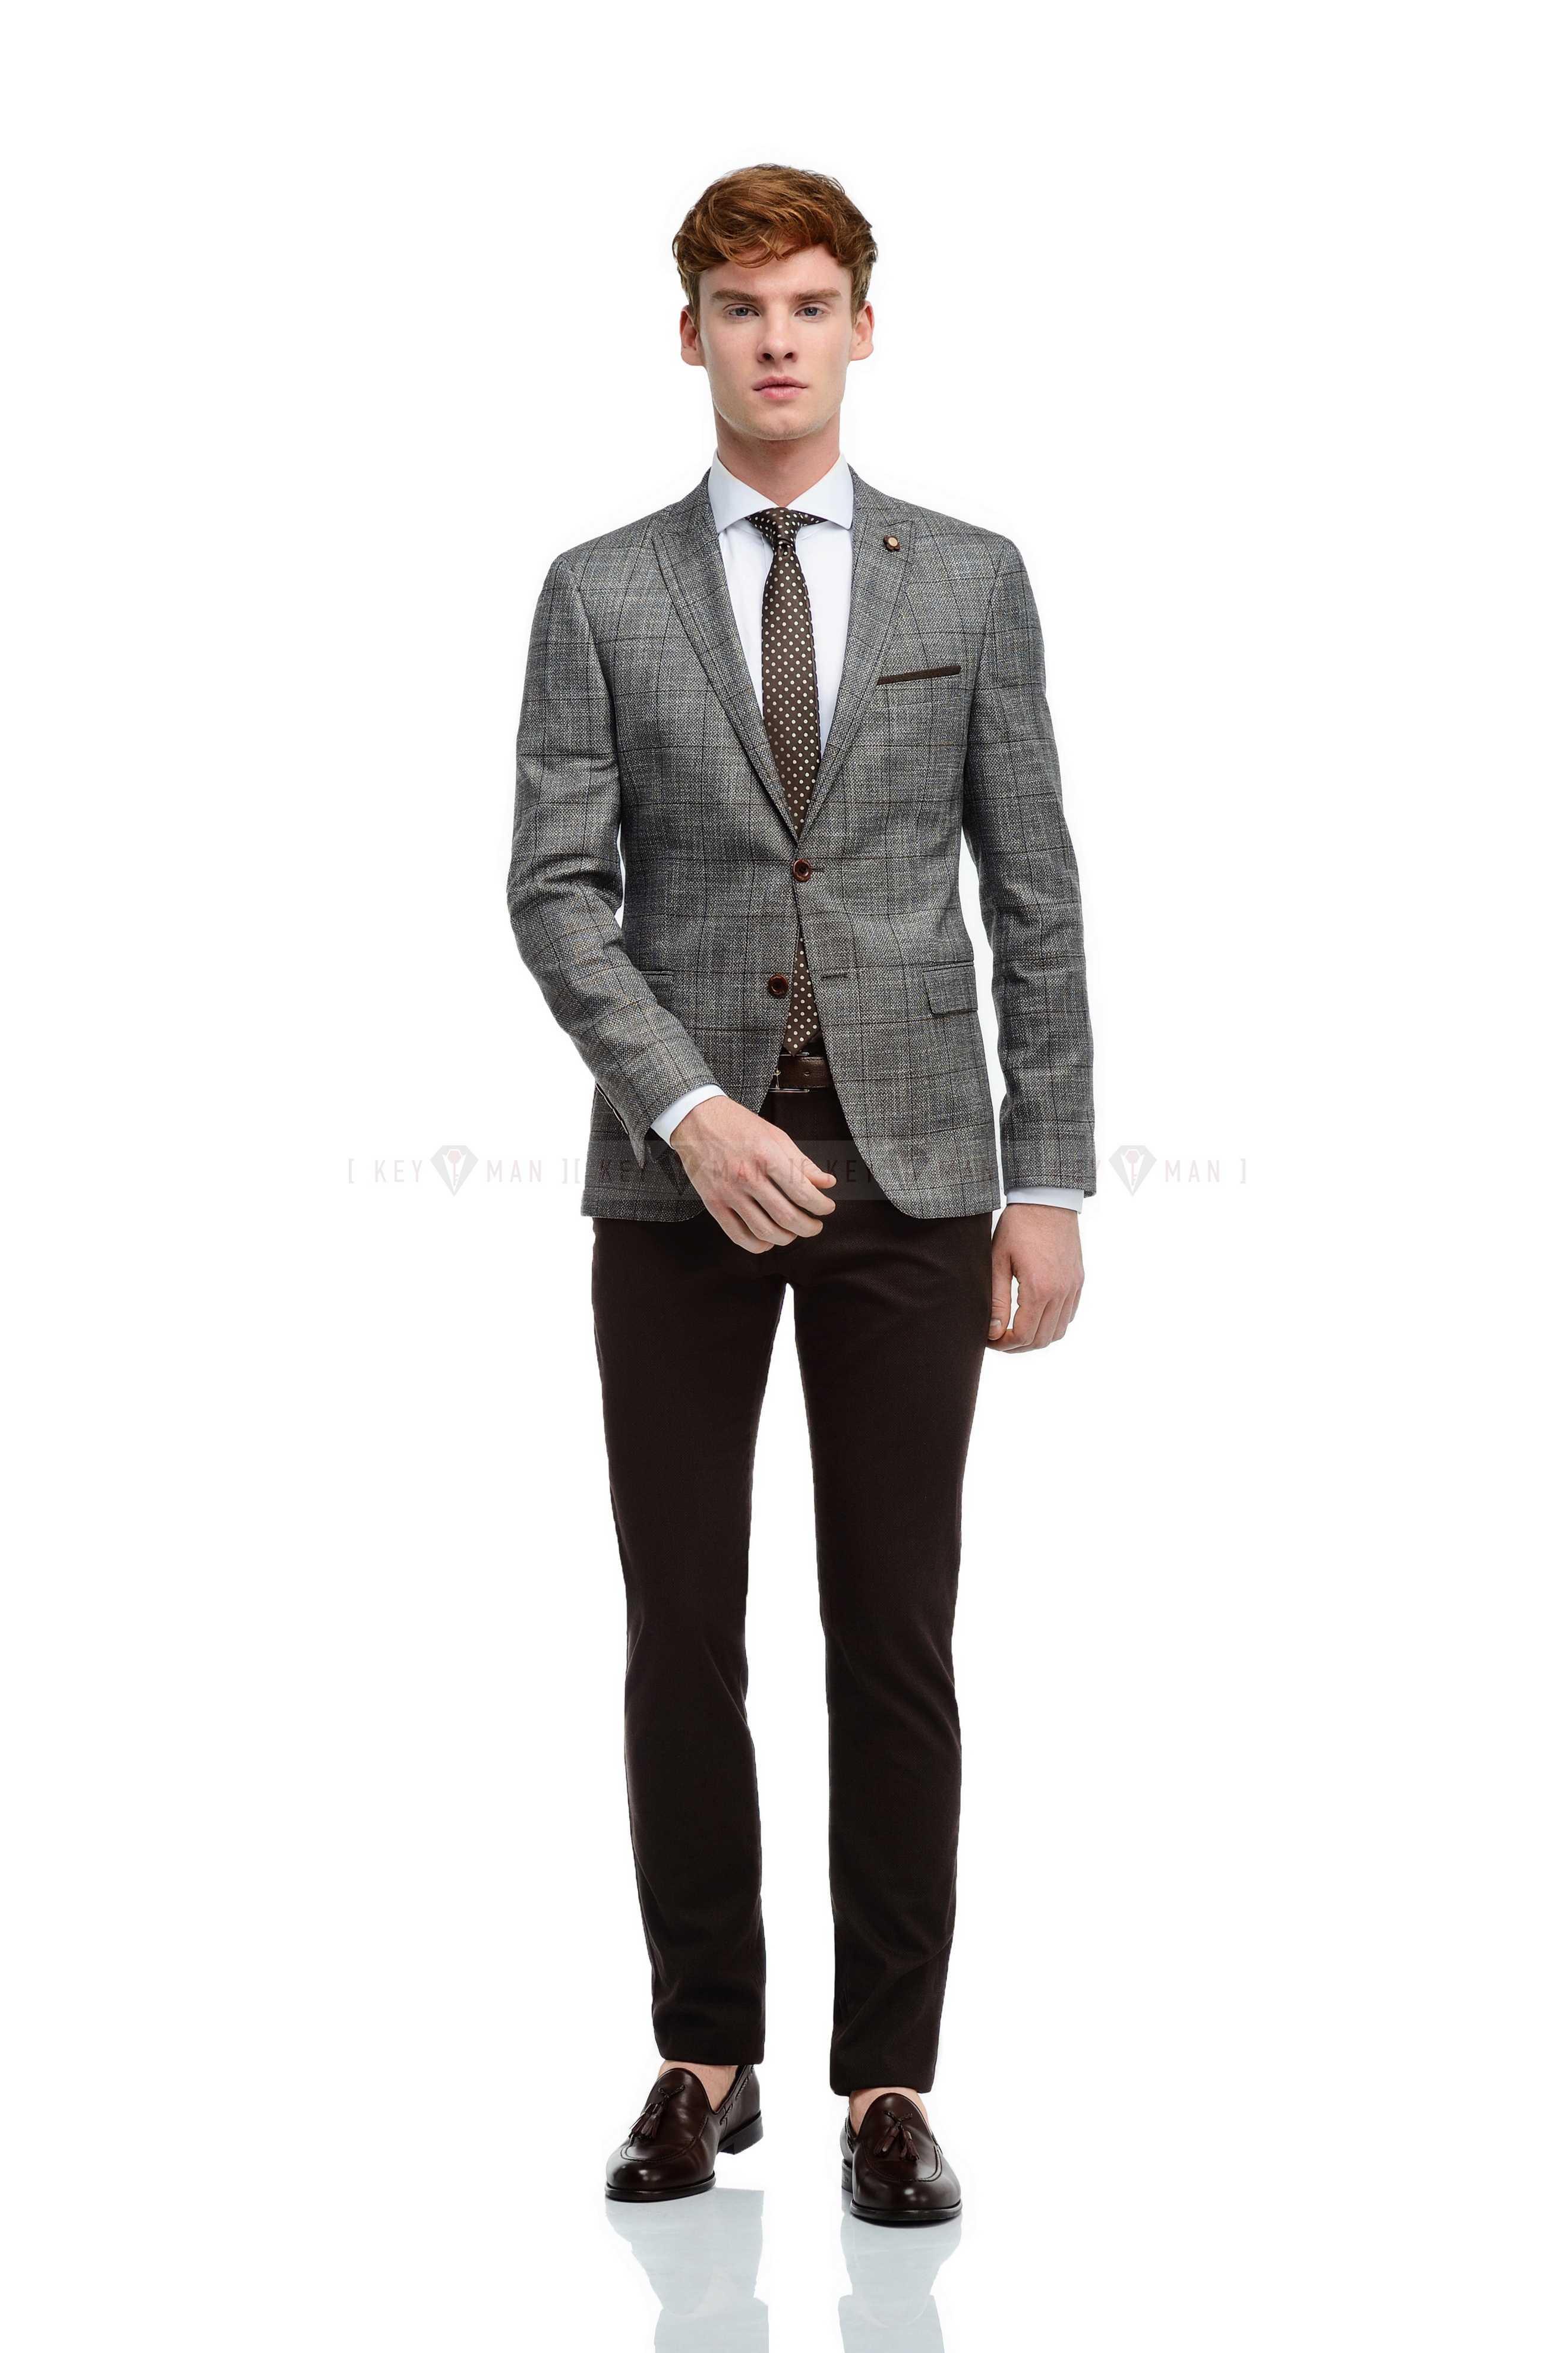 Пиджак мужской коричневый с вплетенной белой нитью в крупную клетку